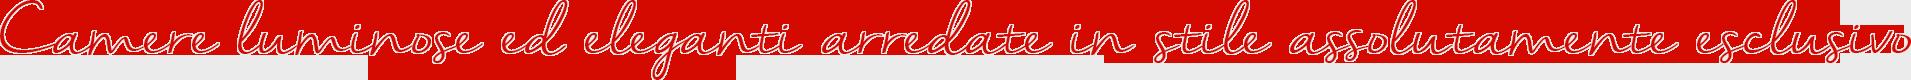 titoli-slogan-camere